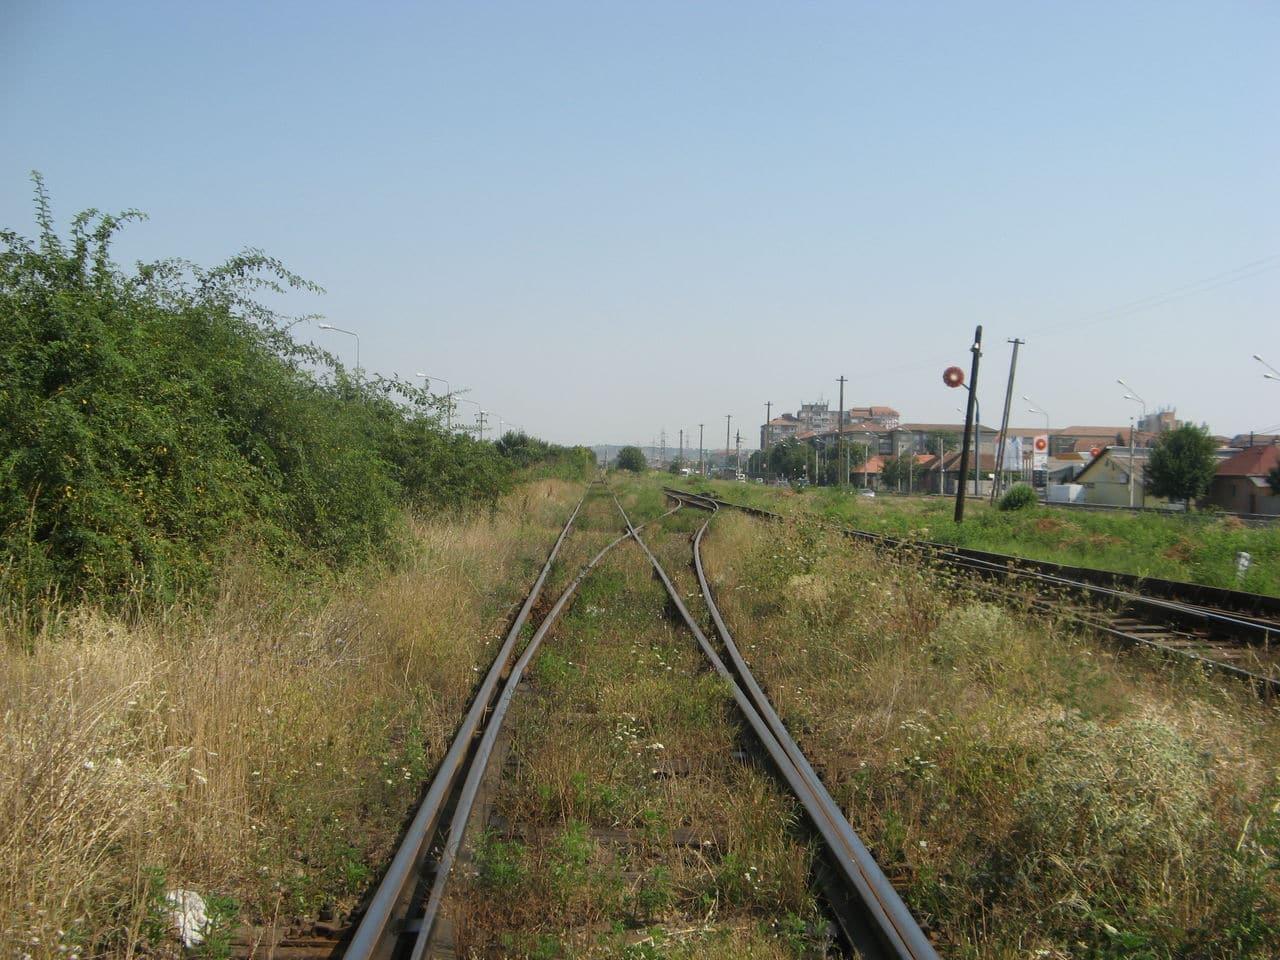 Calea ferată directă Oradea Vest - Episcopia Bihor IMG_0006